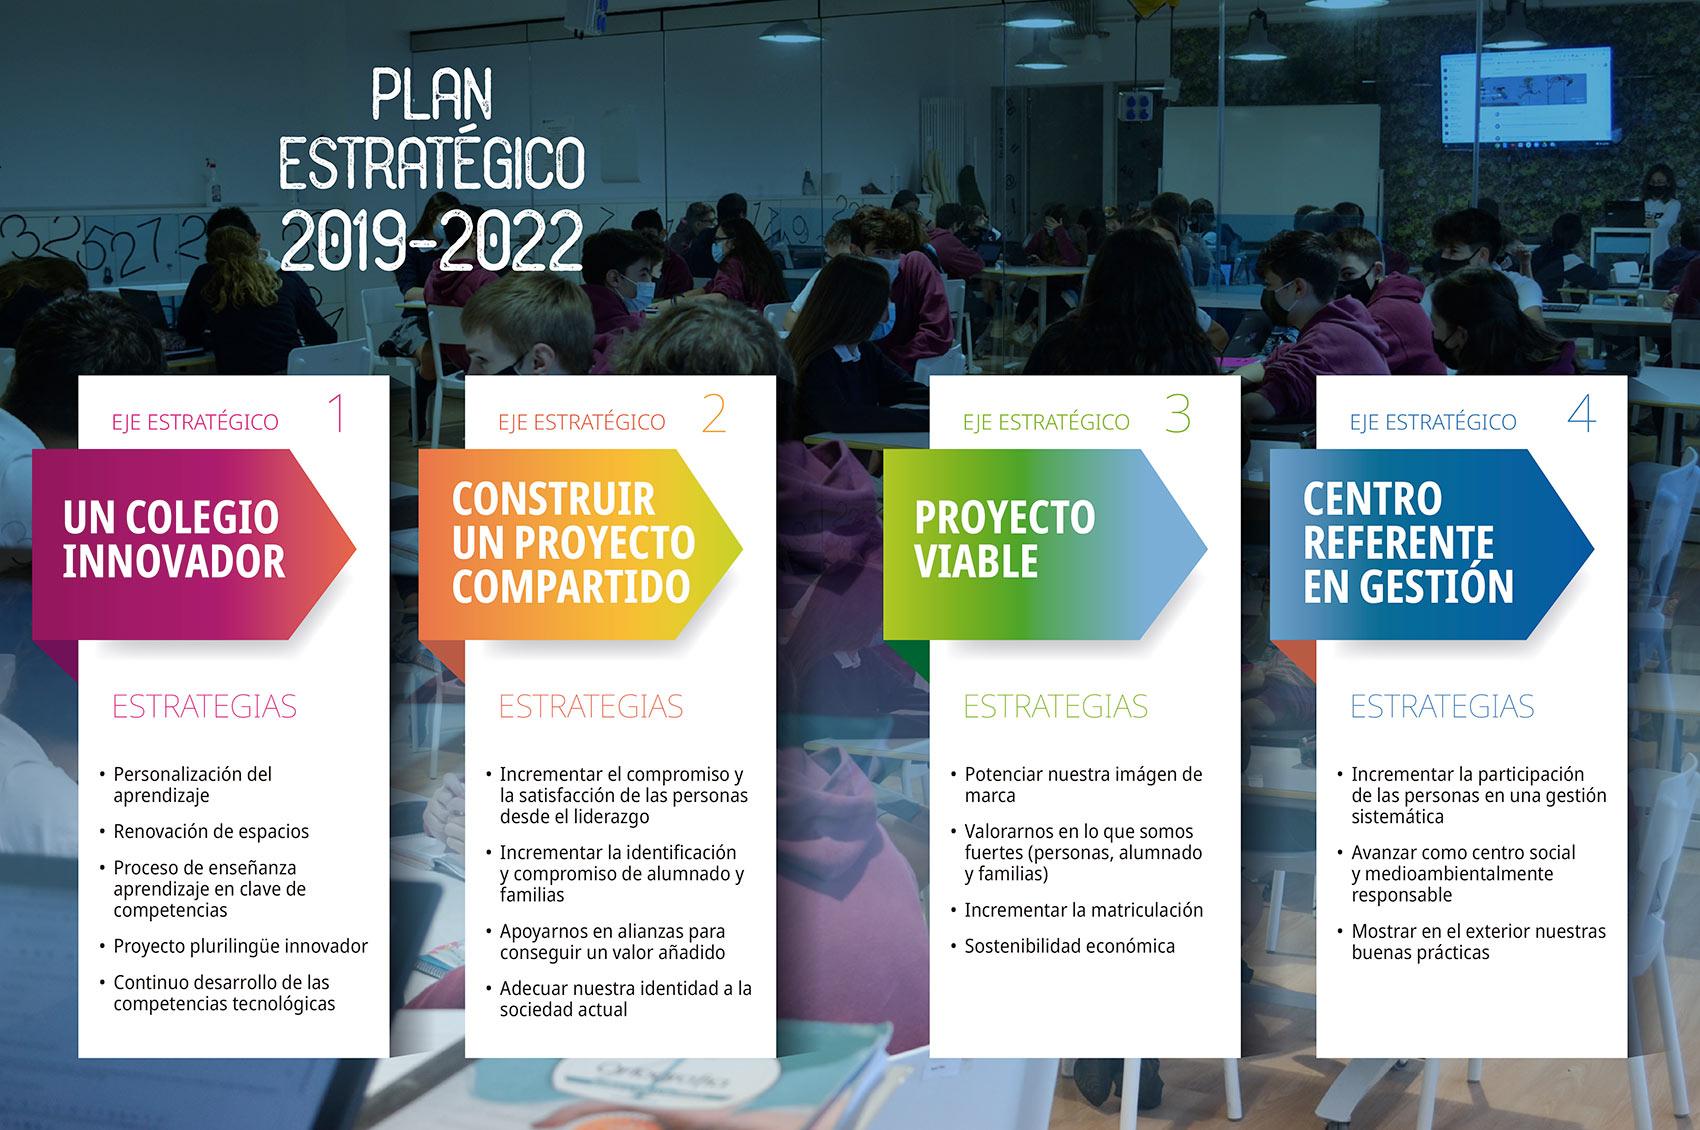 Estrategias 2019-2022